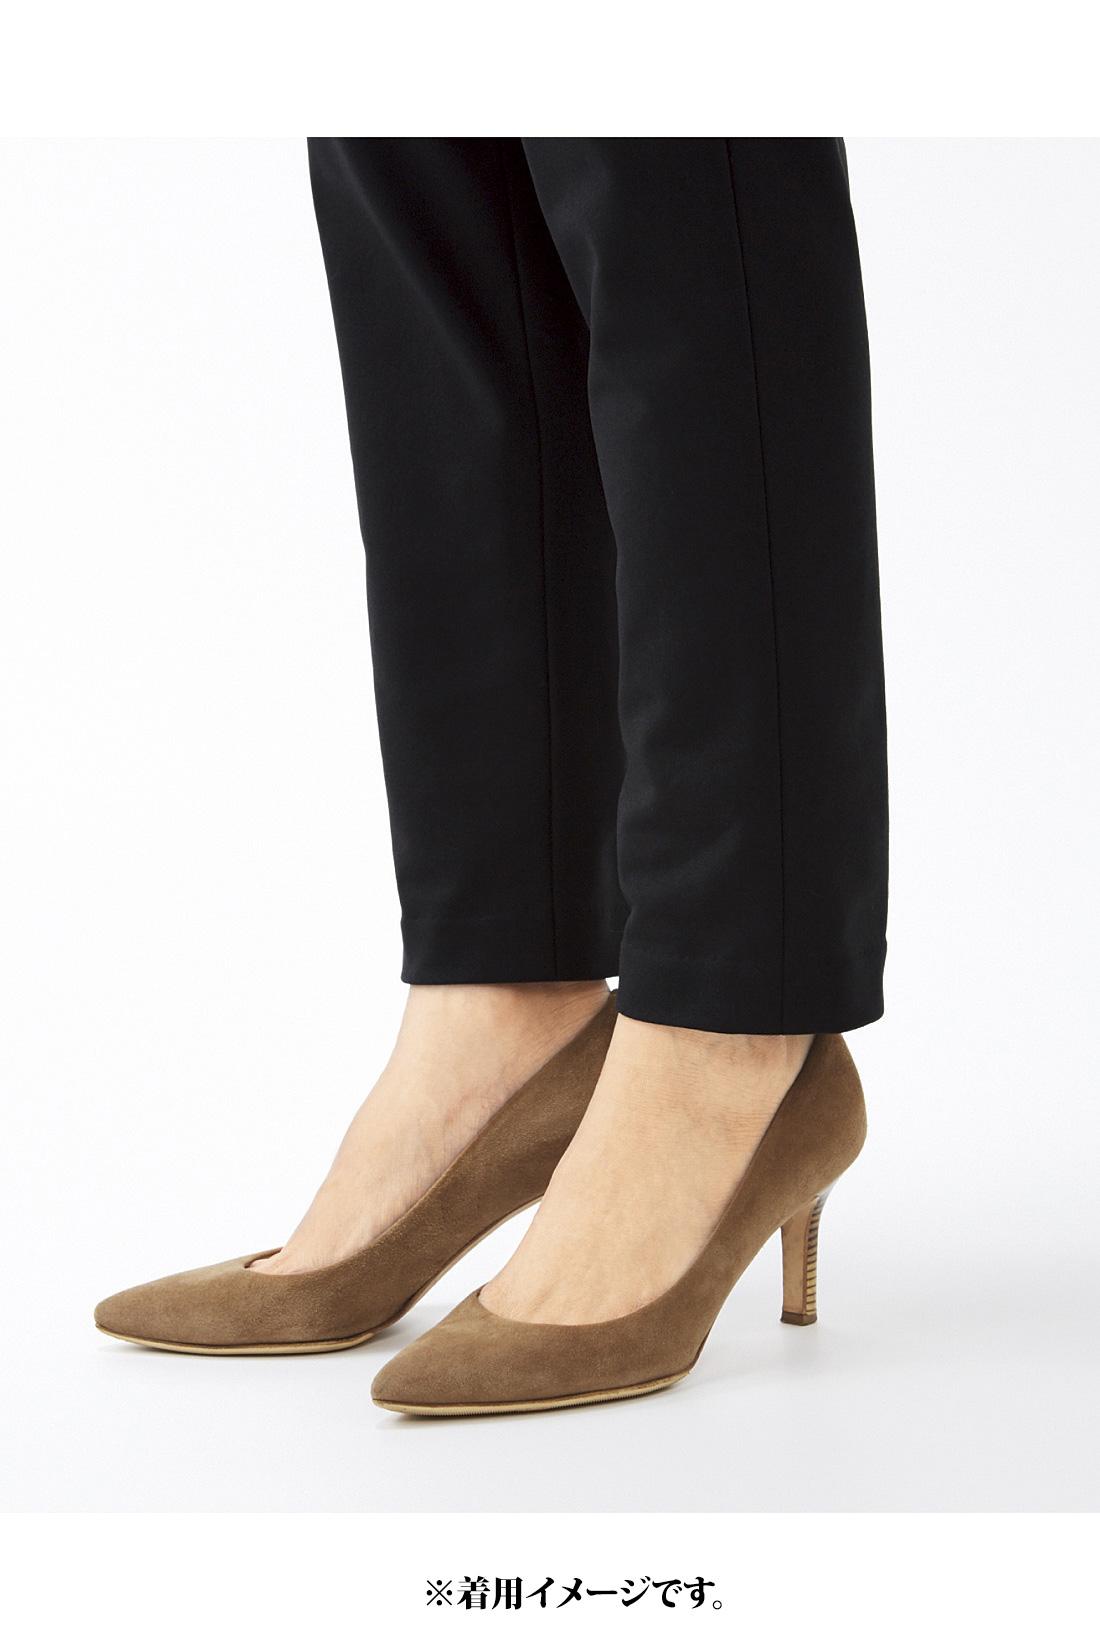 腰まわりから足首に向かって細くなる女性らしいシルエット。スラリと脚長に見えて、足首まで暖か。